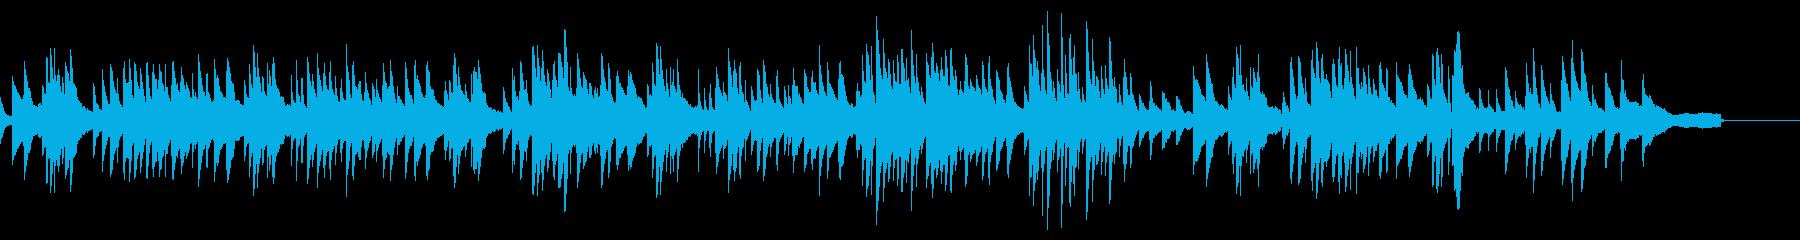 シューマンの「トロイメライ」(夢)の再生済みの波形